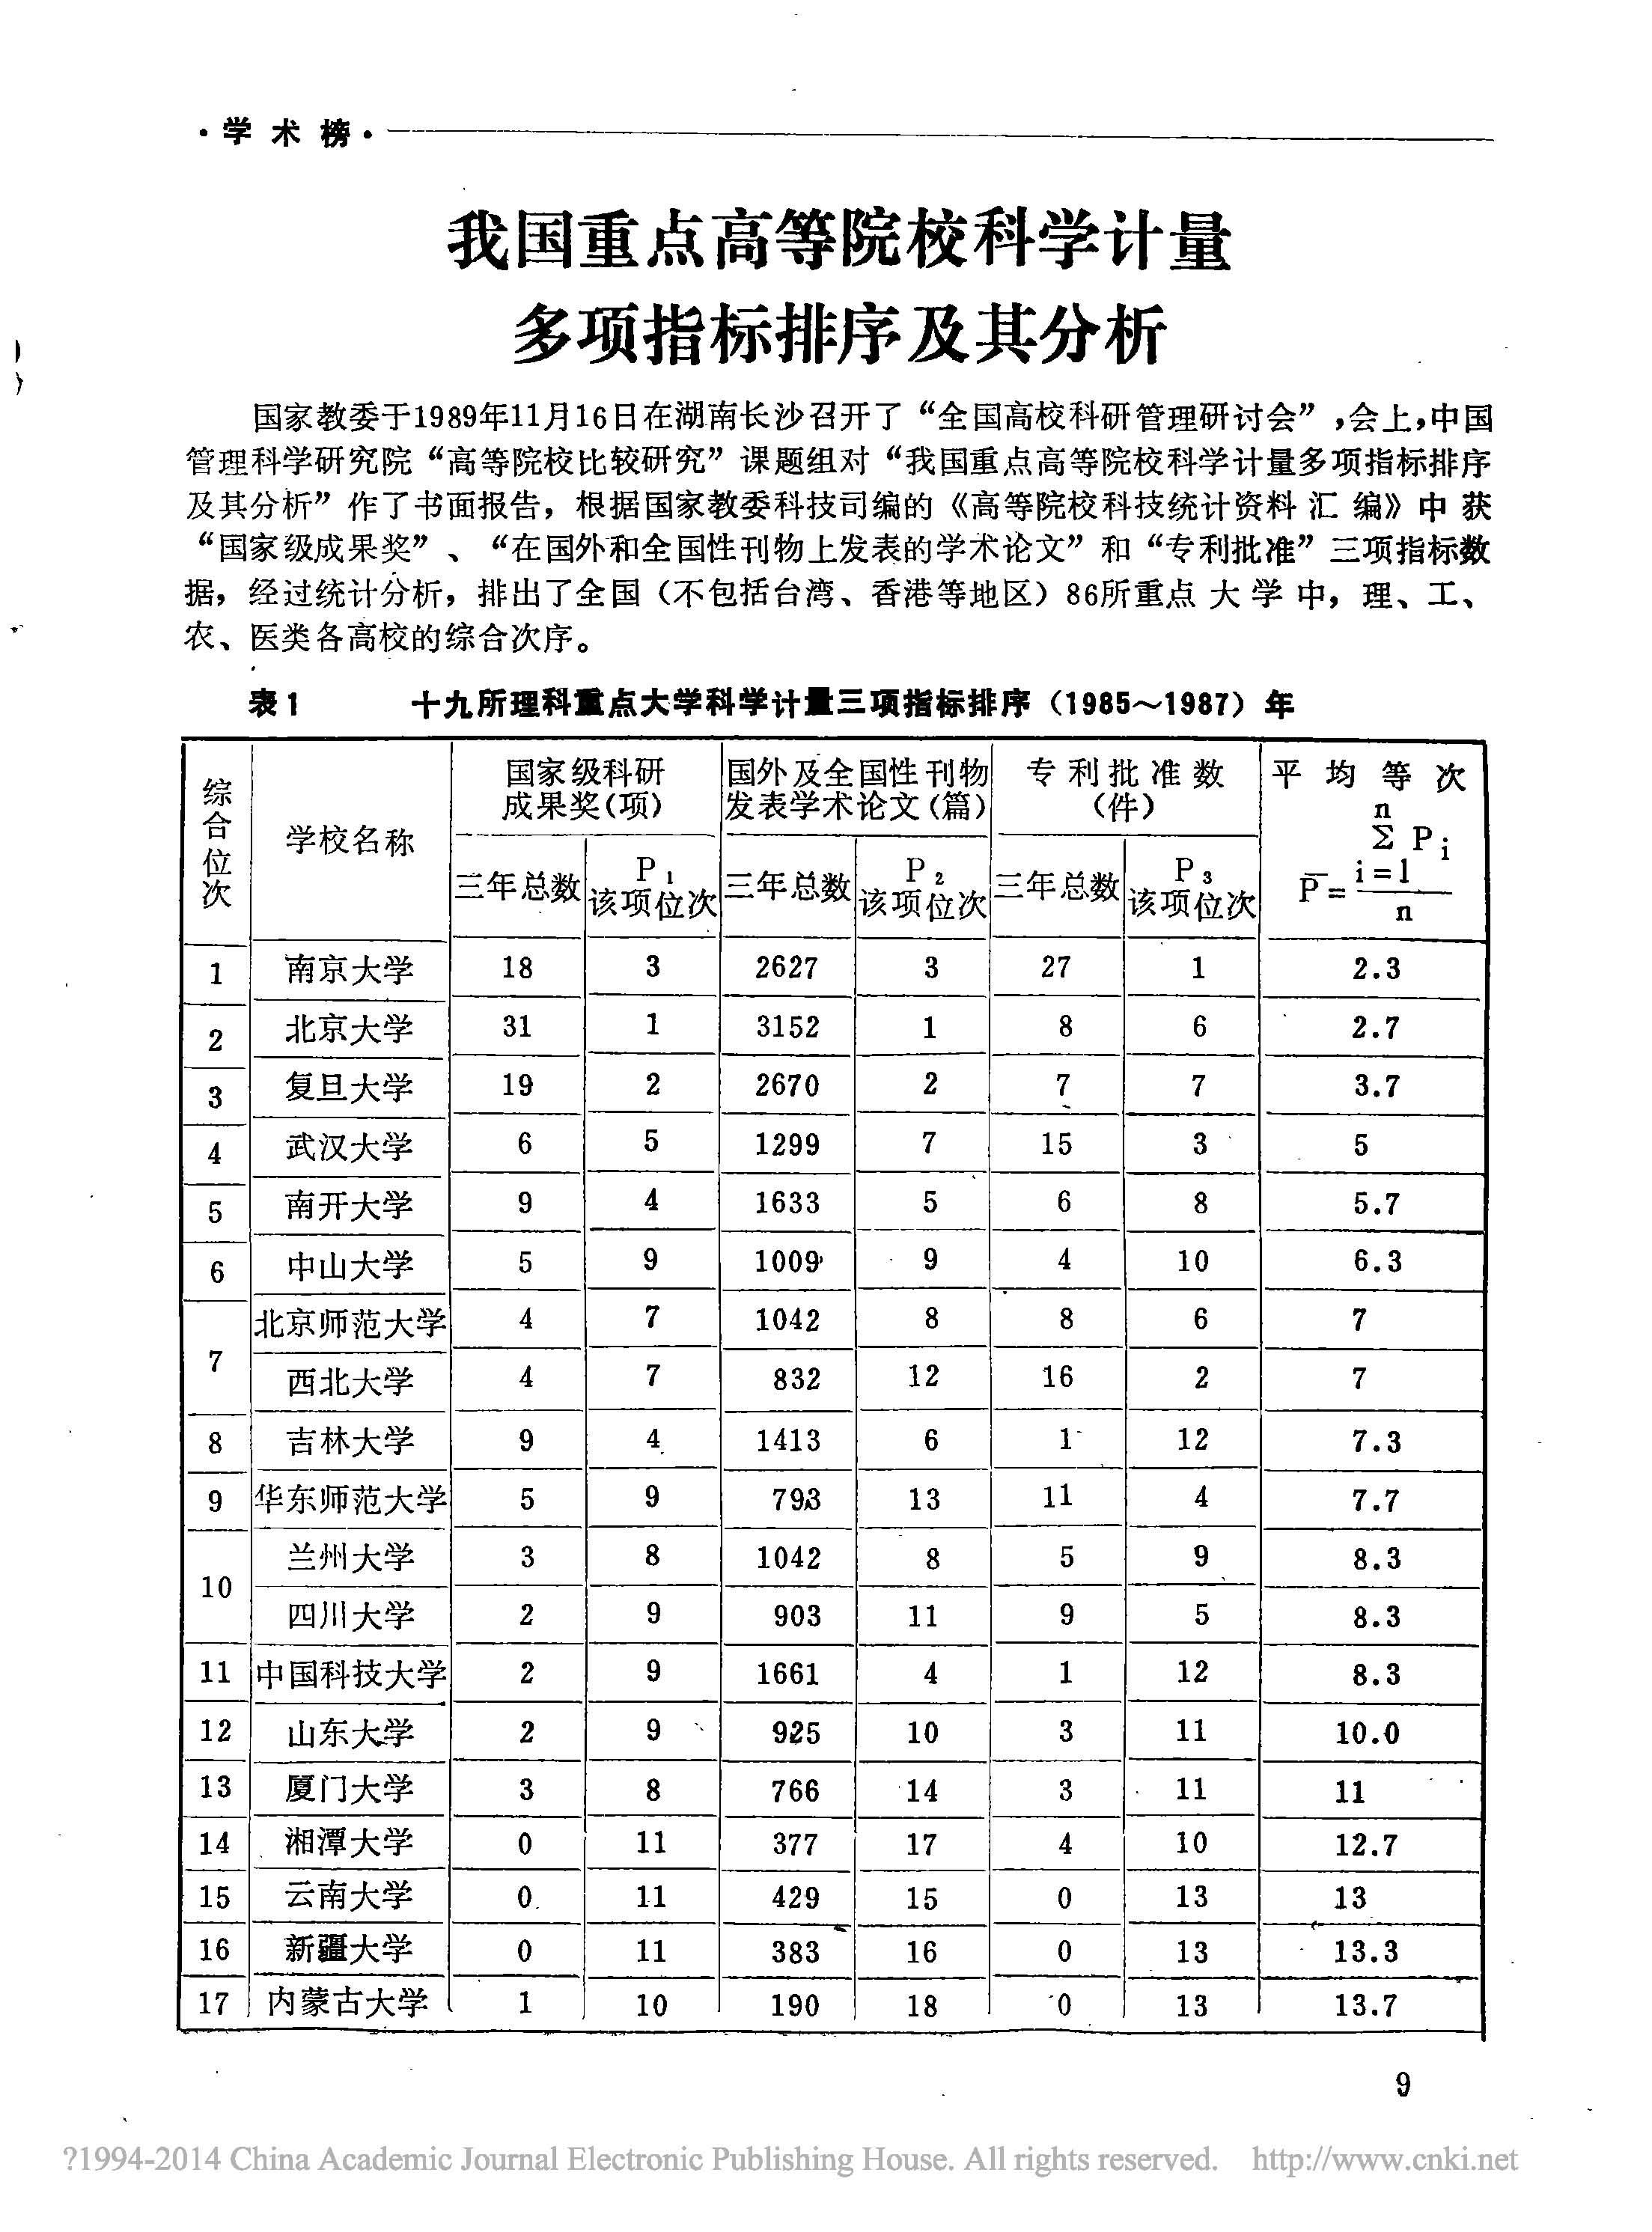 中国第1个综合大学排行榜,清华南大分列榜首